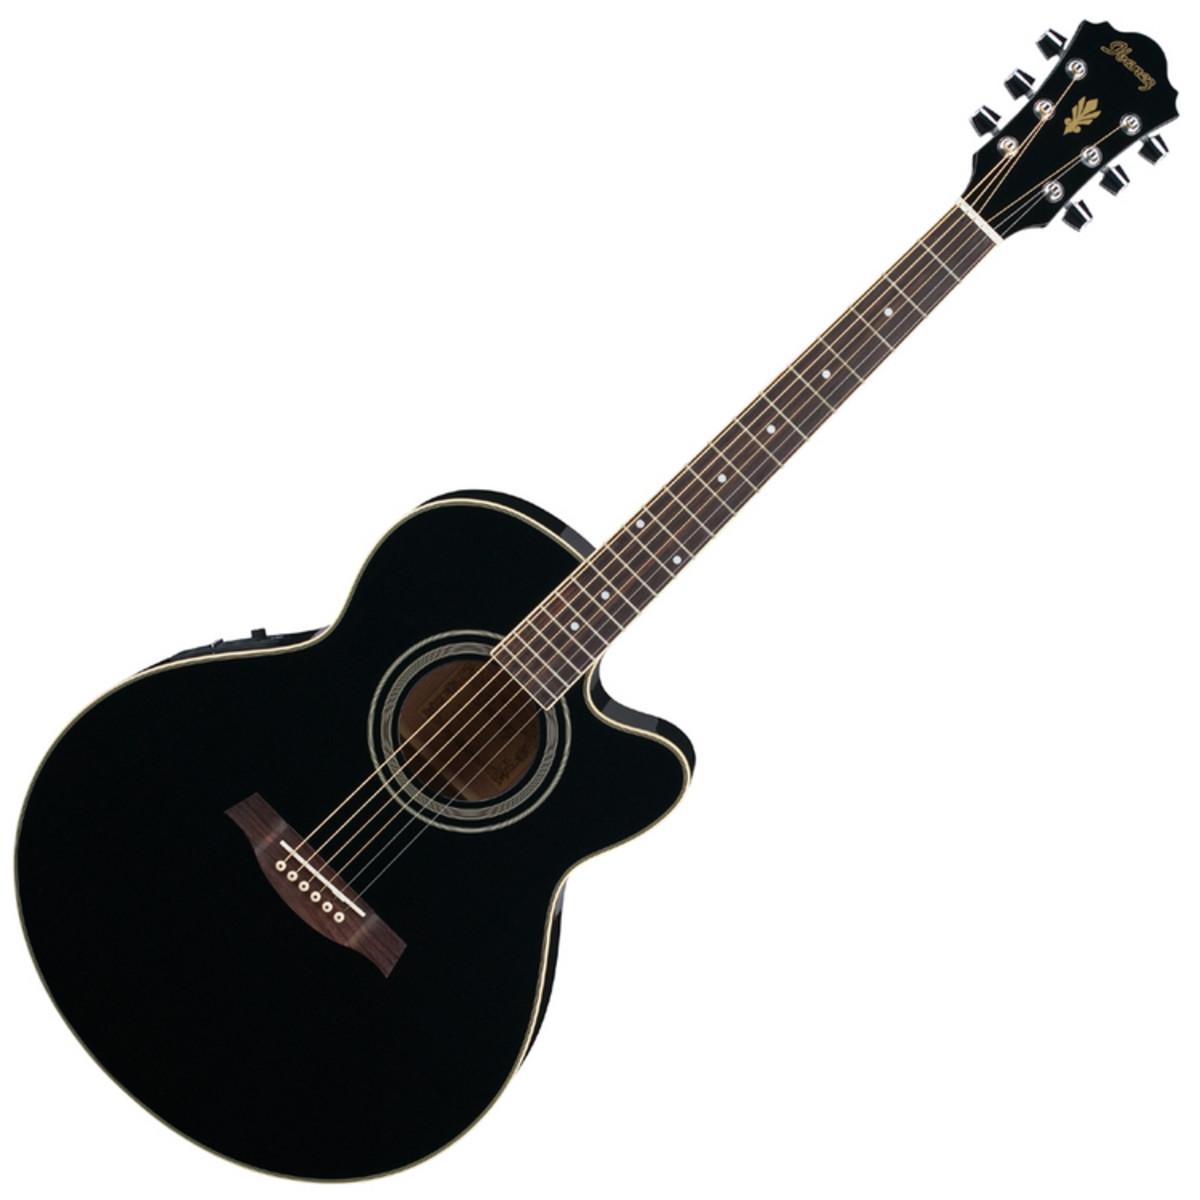 guitare electro acoustique de disque ibanez ael8e bk noir. Black Bedroom Furniture Sets. Home Design Ideas